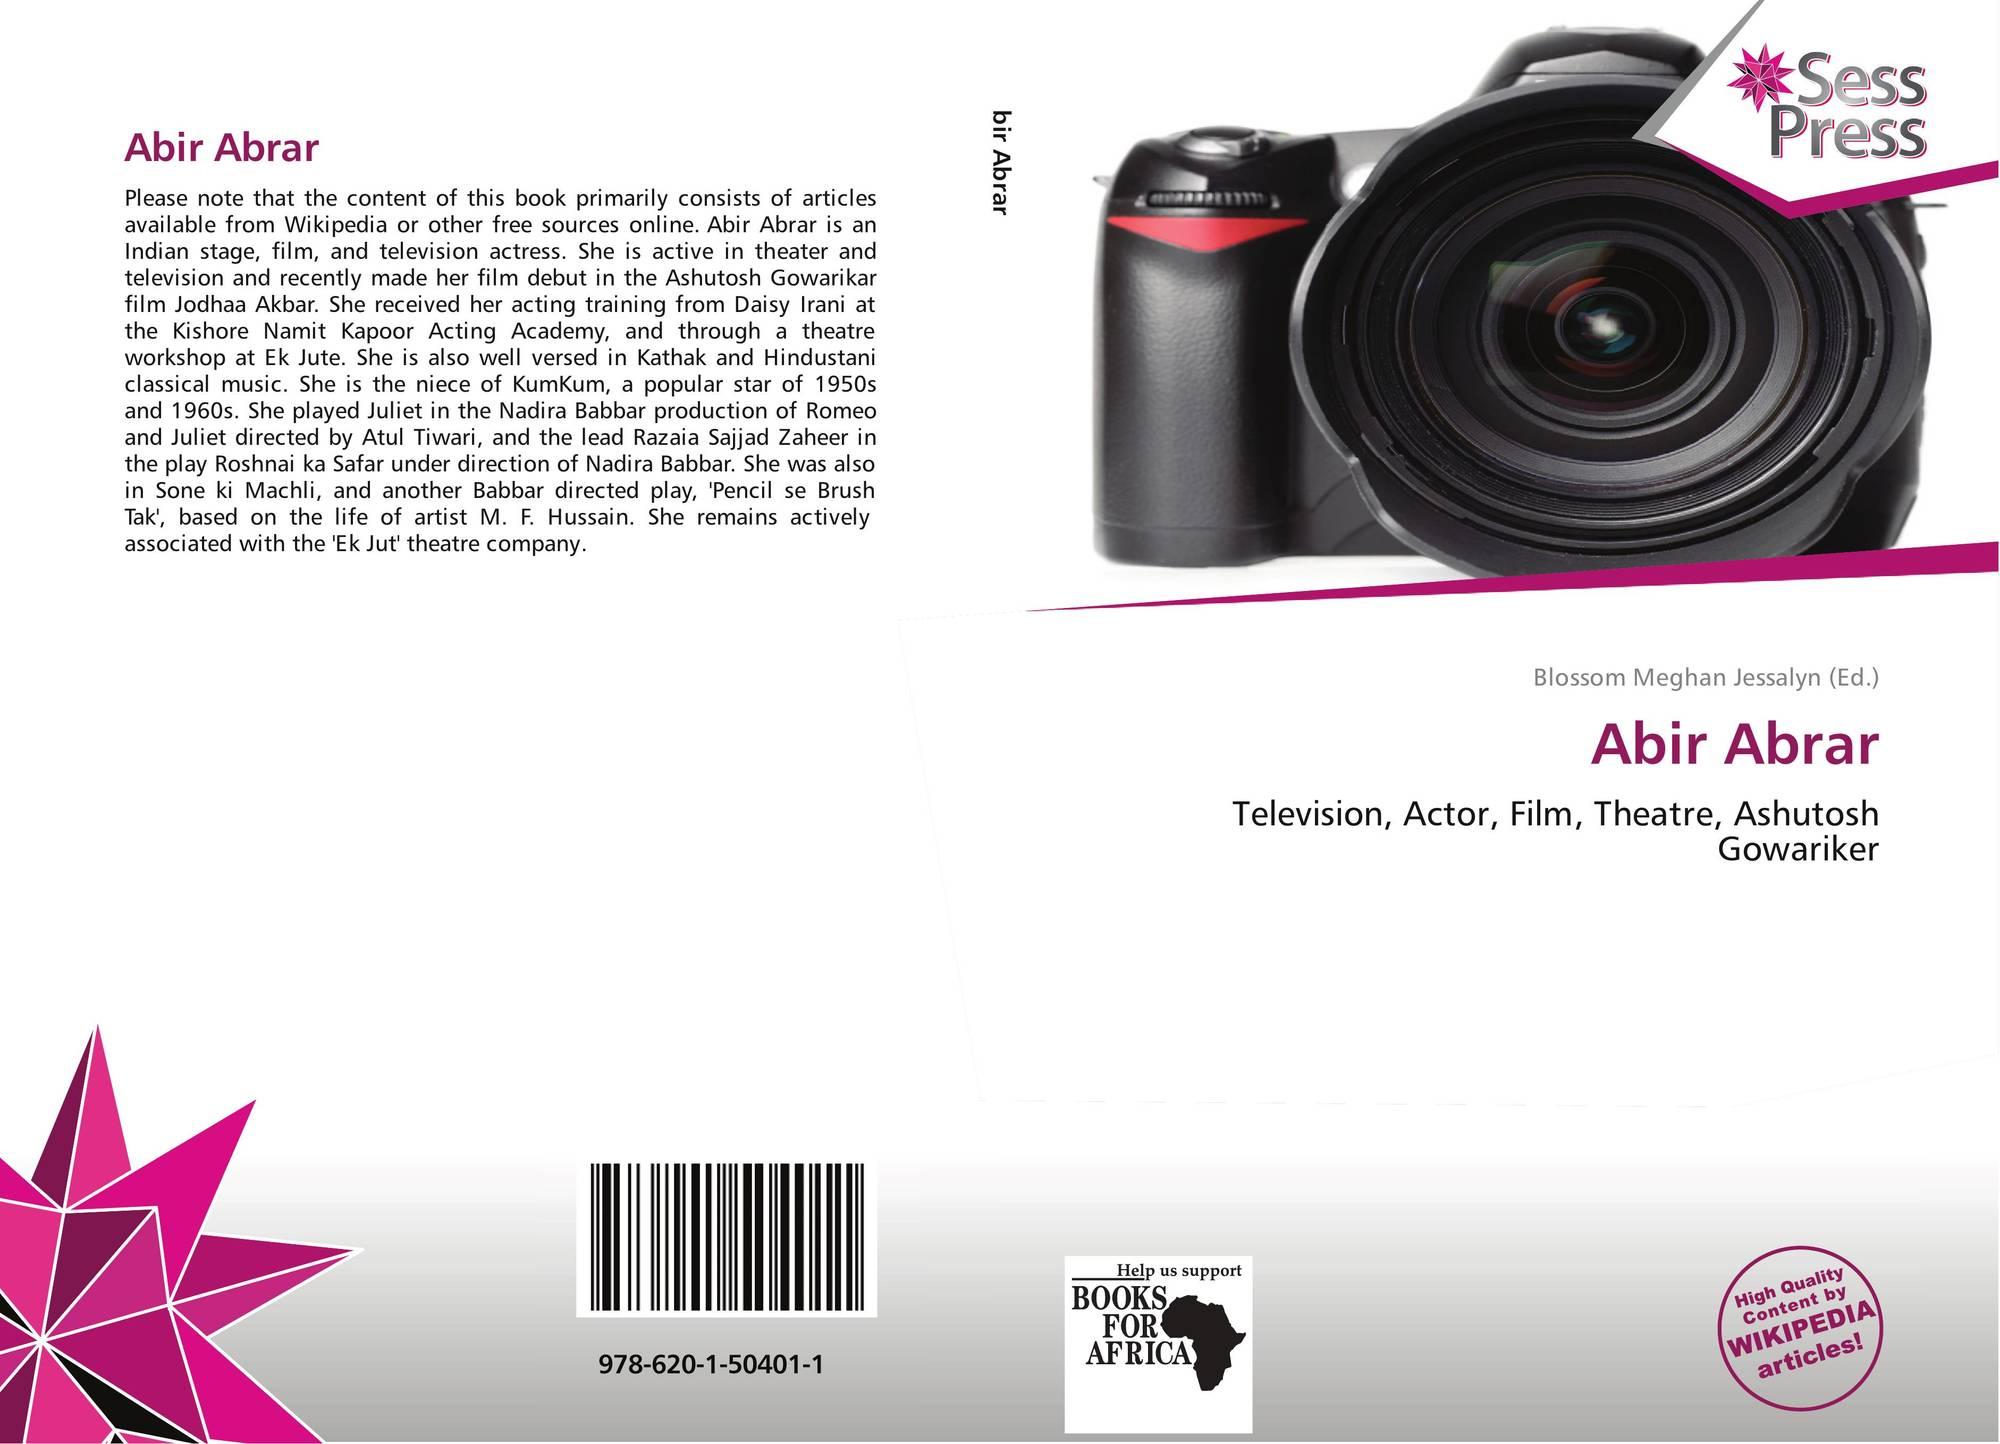 Abir Abrar, 978-620-1-50401-1, 620150401X ,9786201504011